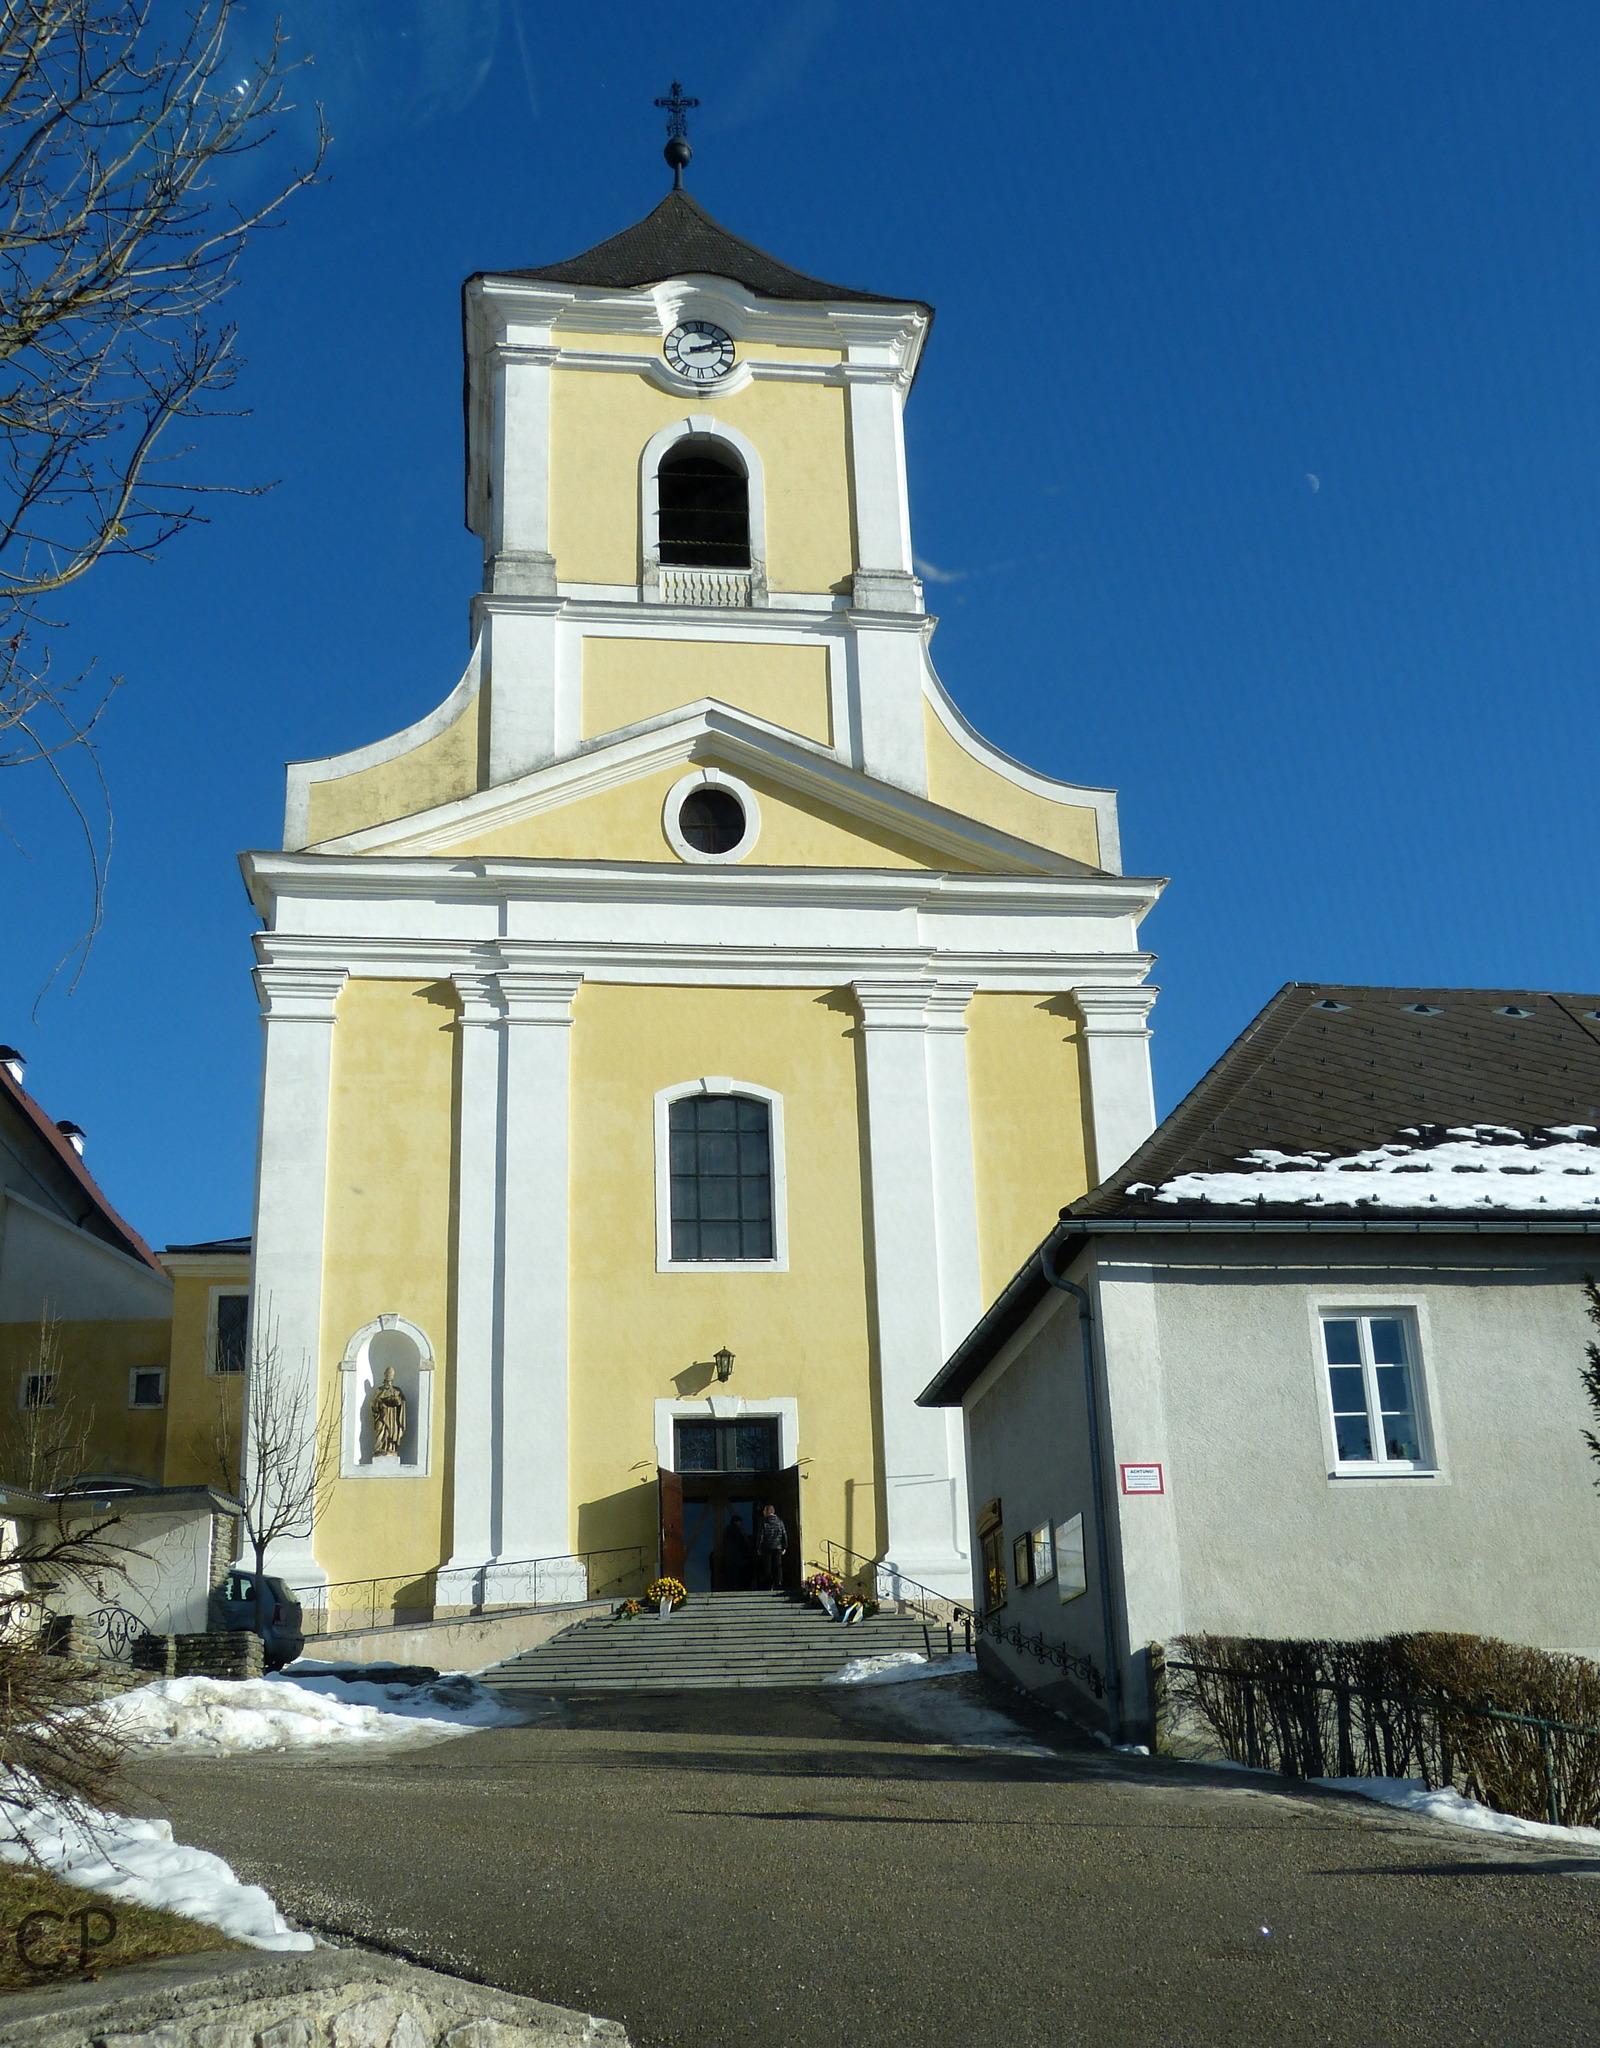 Christliche singles in kirchberg am wechsel Bernardin christliche